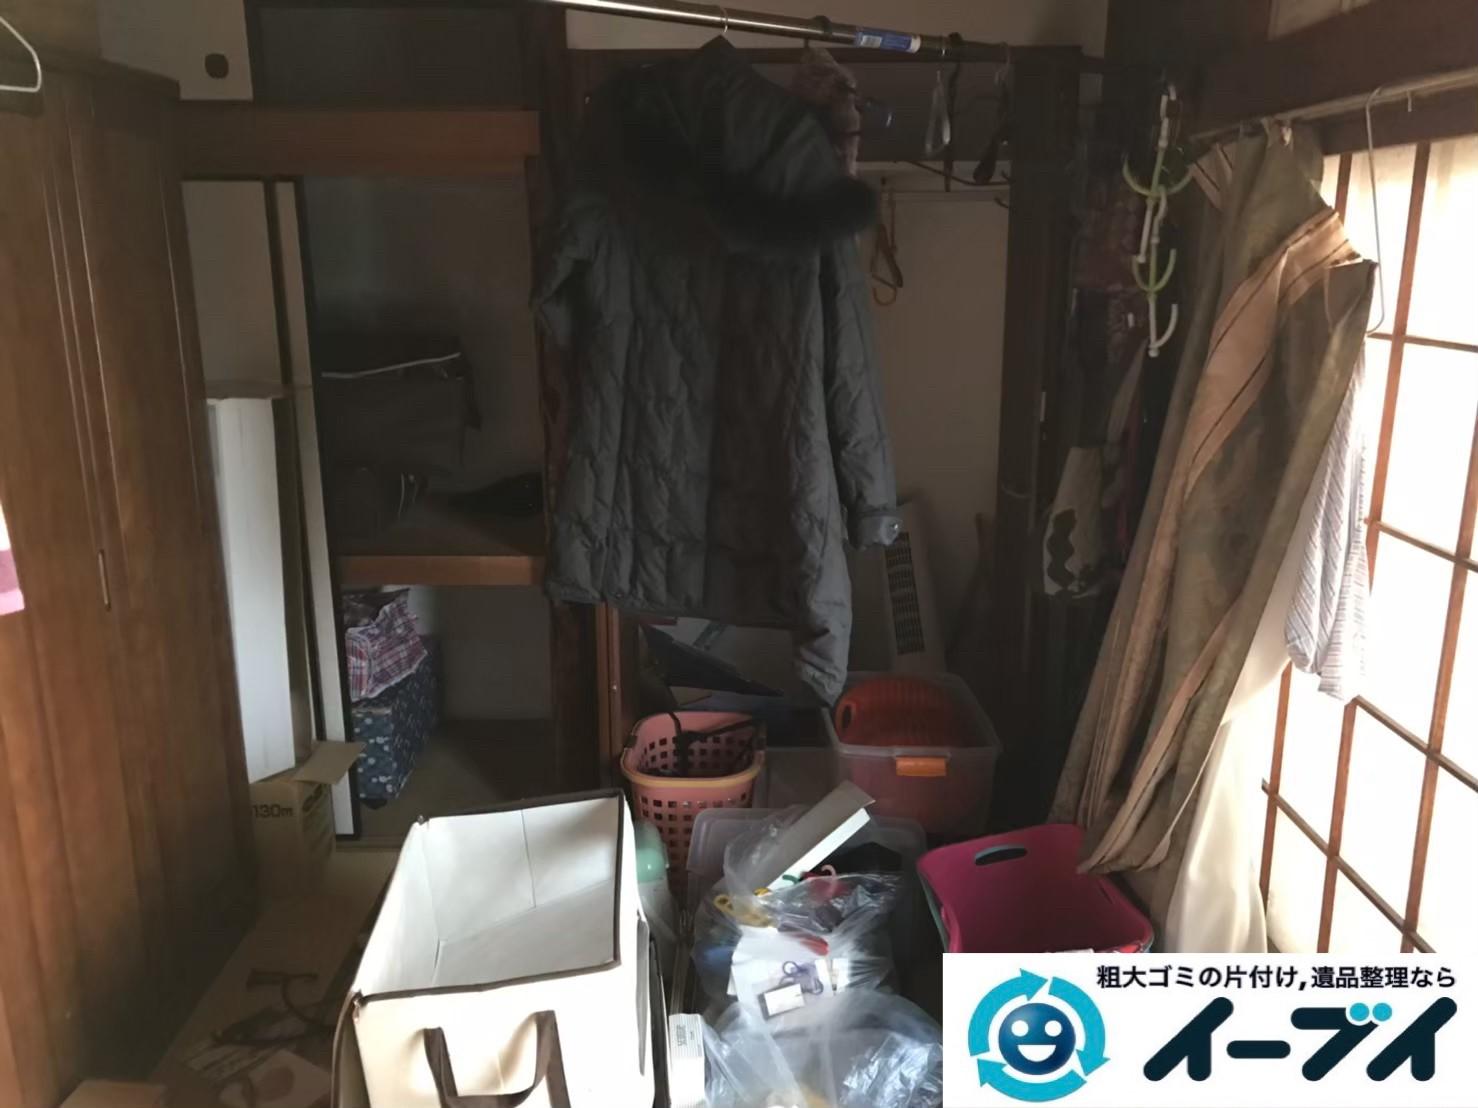 2019年9月10日大阪府大阪市港区で婚礼家具の大型家具処分をしました。写真3